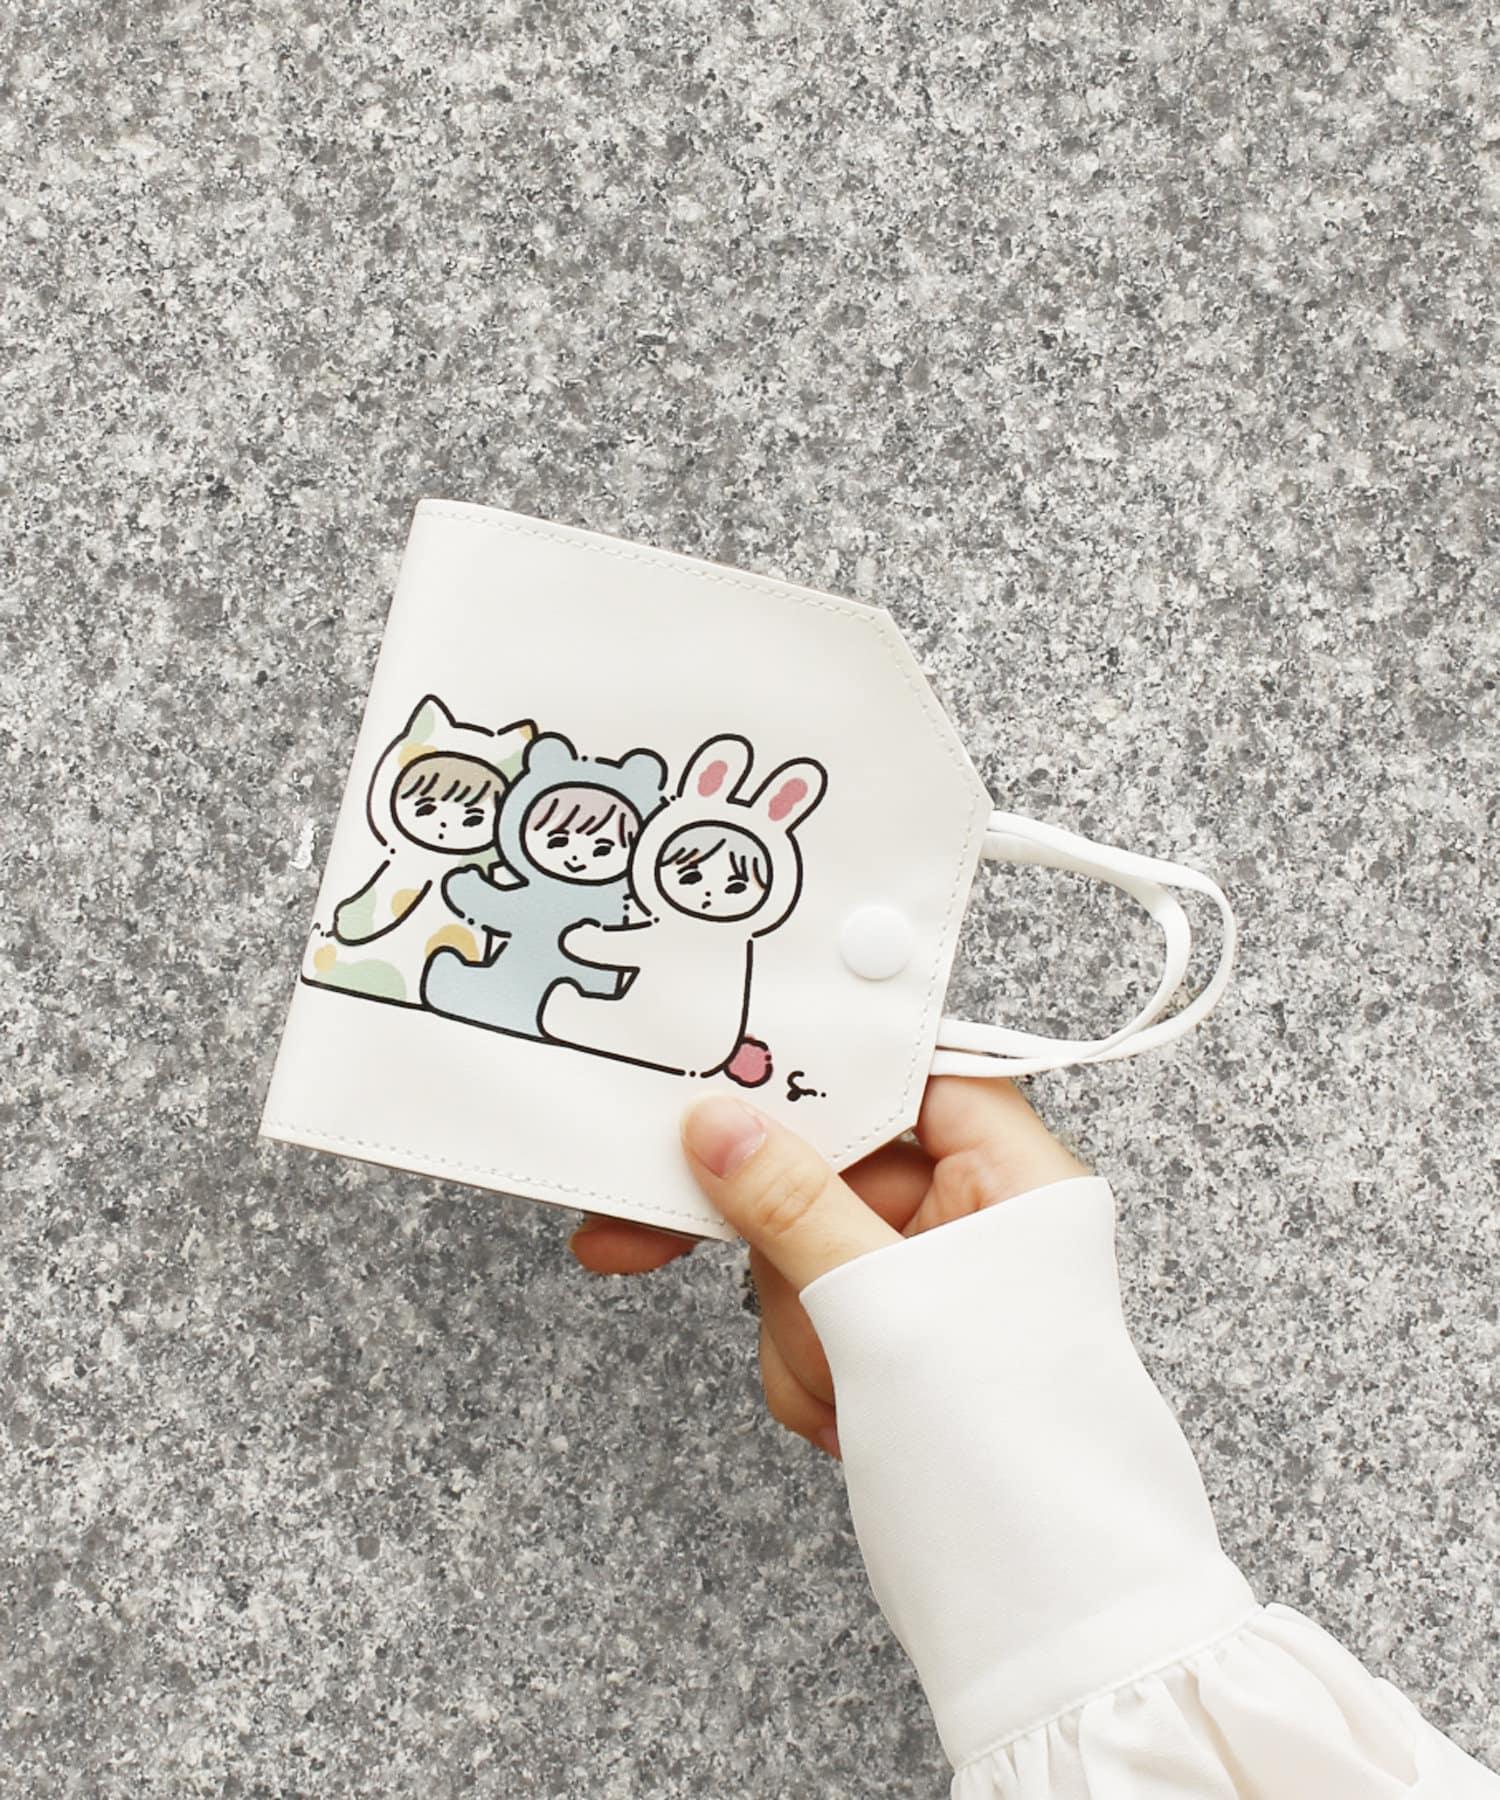 ASOKO(アソコ) ライフスタイル 【ASOKO de ART】マスクケース その他3